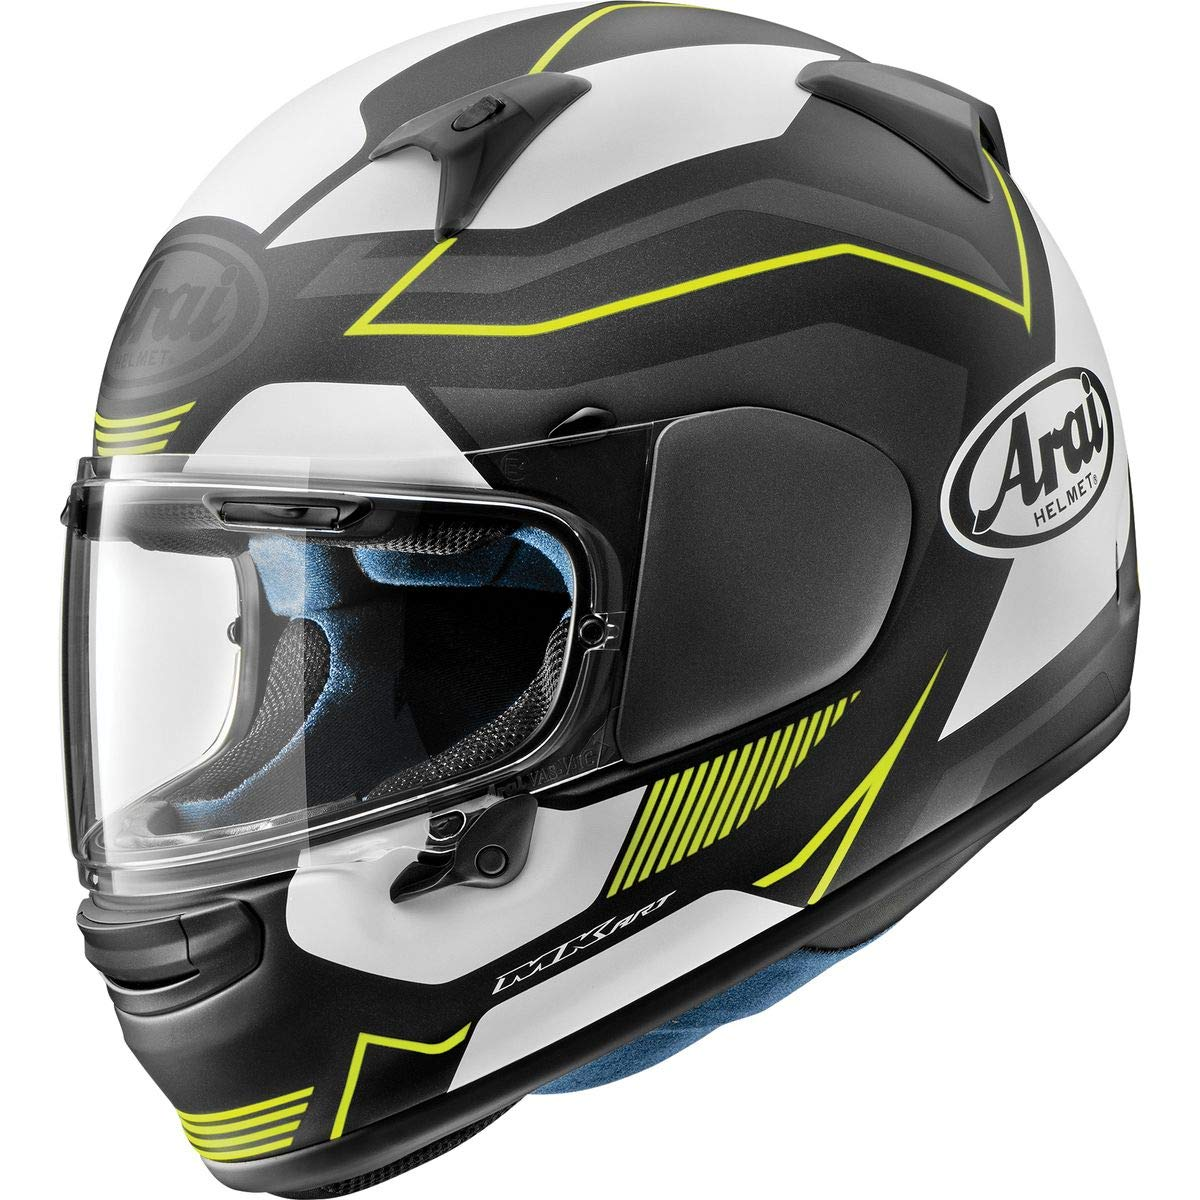 CLEAR Tour-X1//X2//X3 Arai Motorcycle Helmet Pinlock Ready Visor